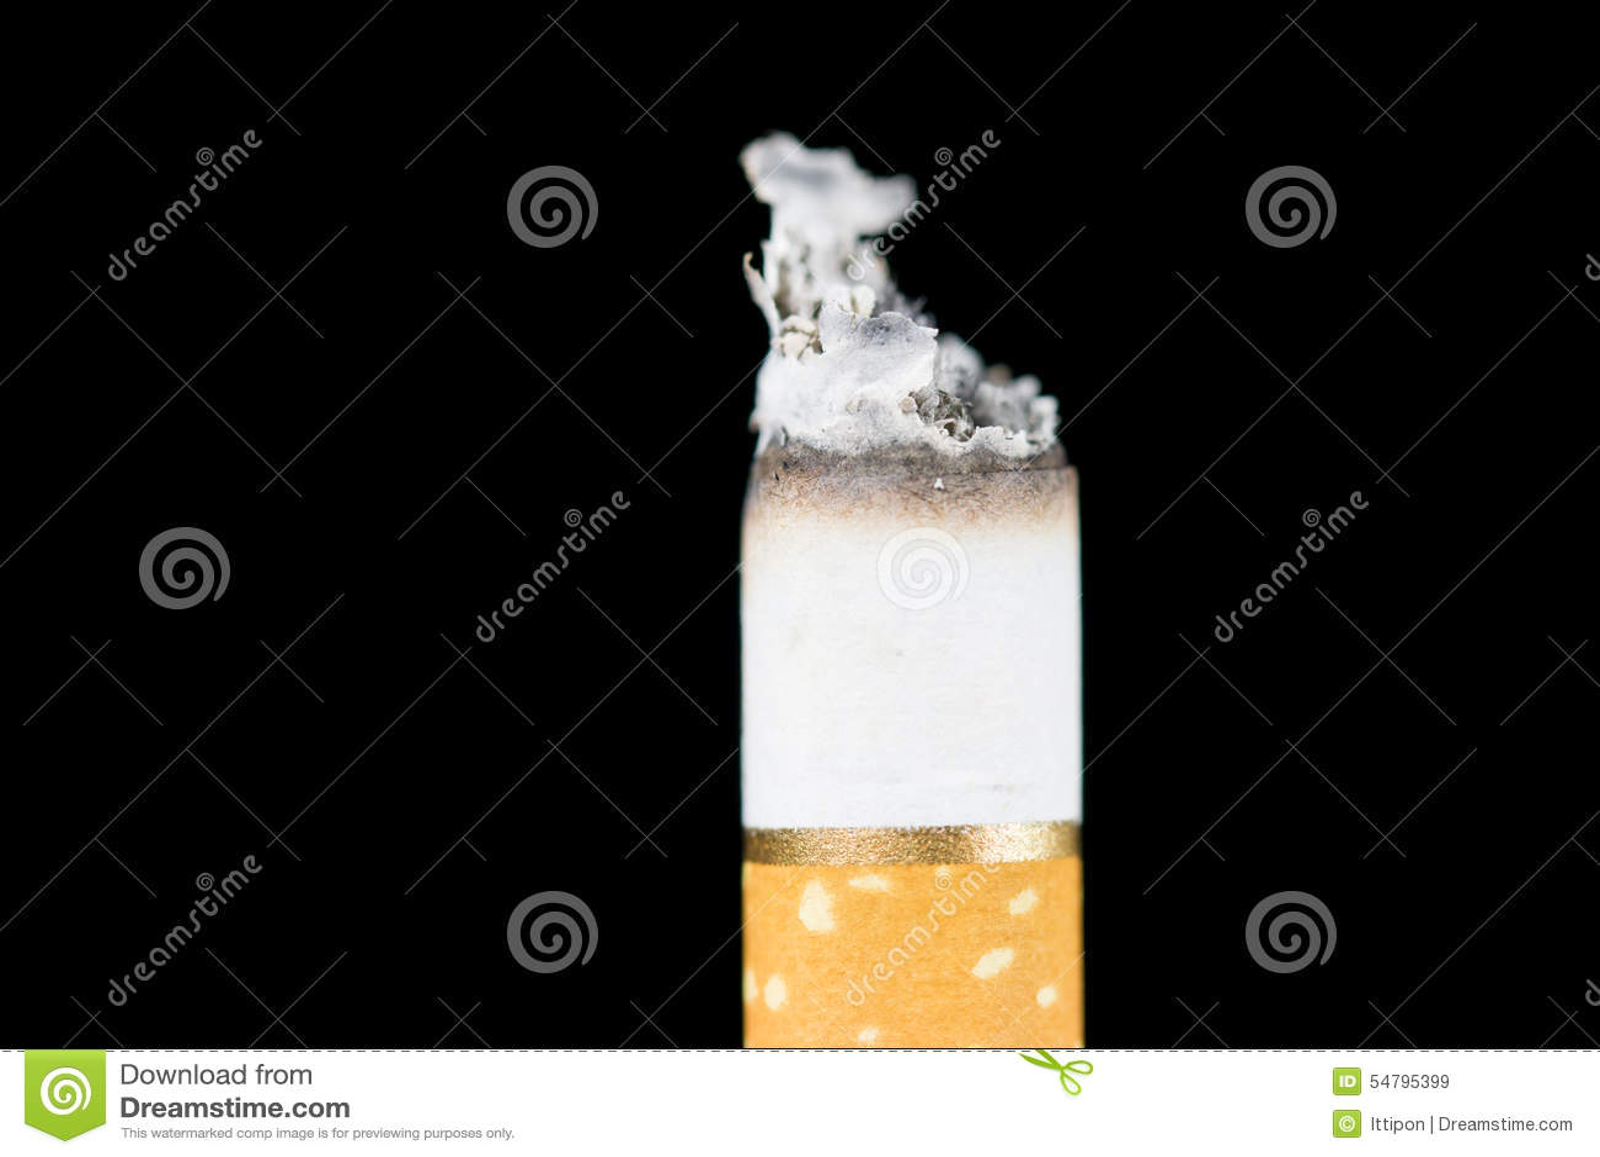 Smoking Cigarette Stock Photo - Image: 54795399